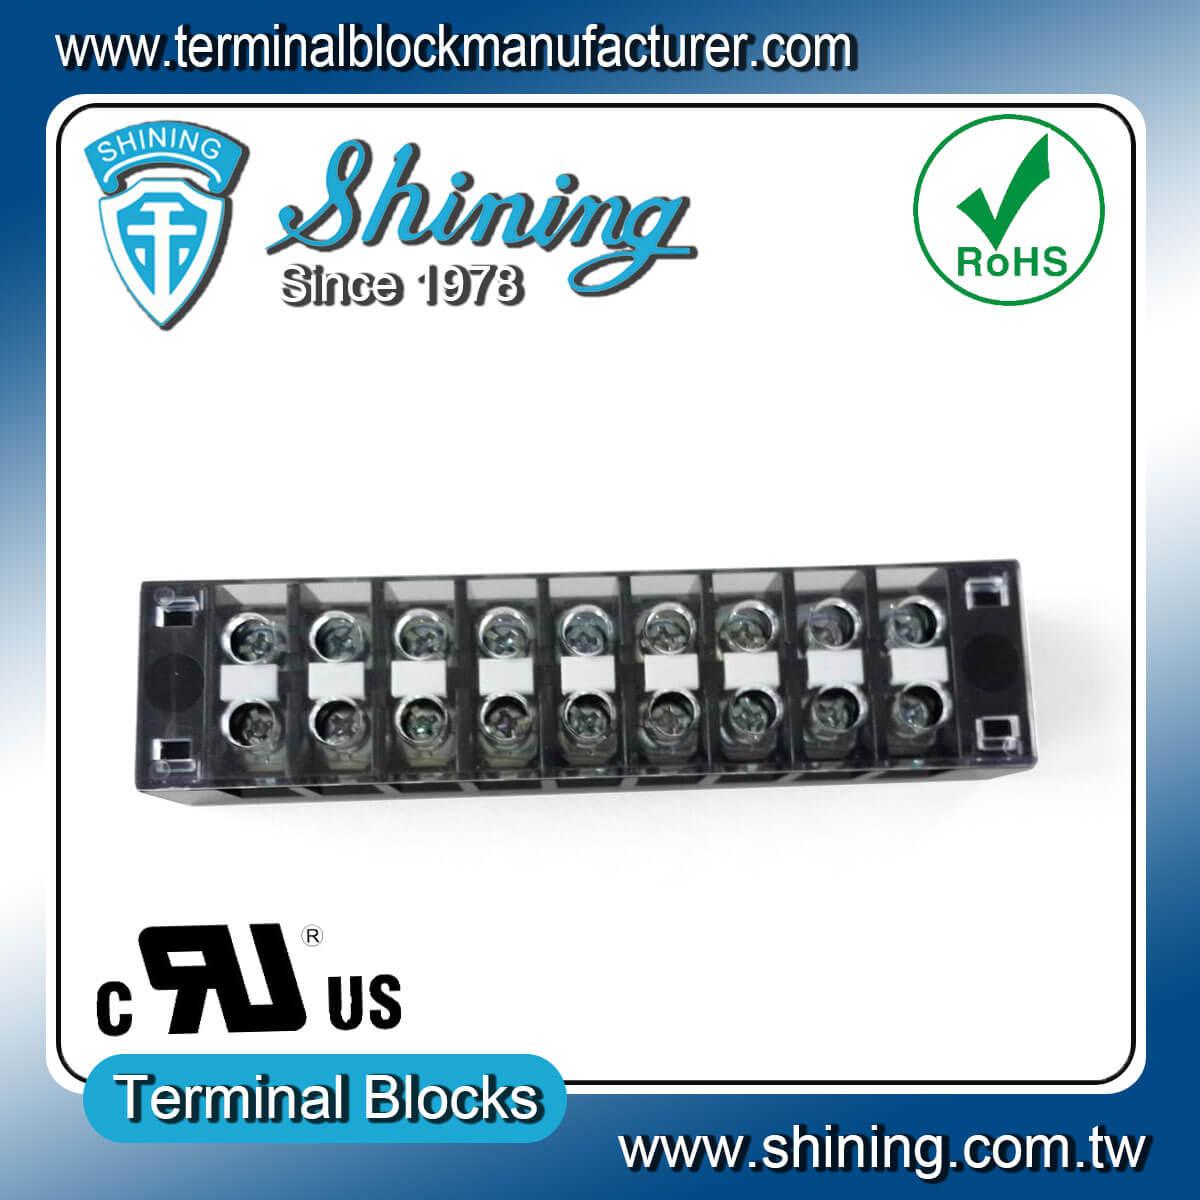 TB-31509CP 300V 15A 9Pole固定式柵欄端子台